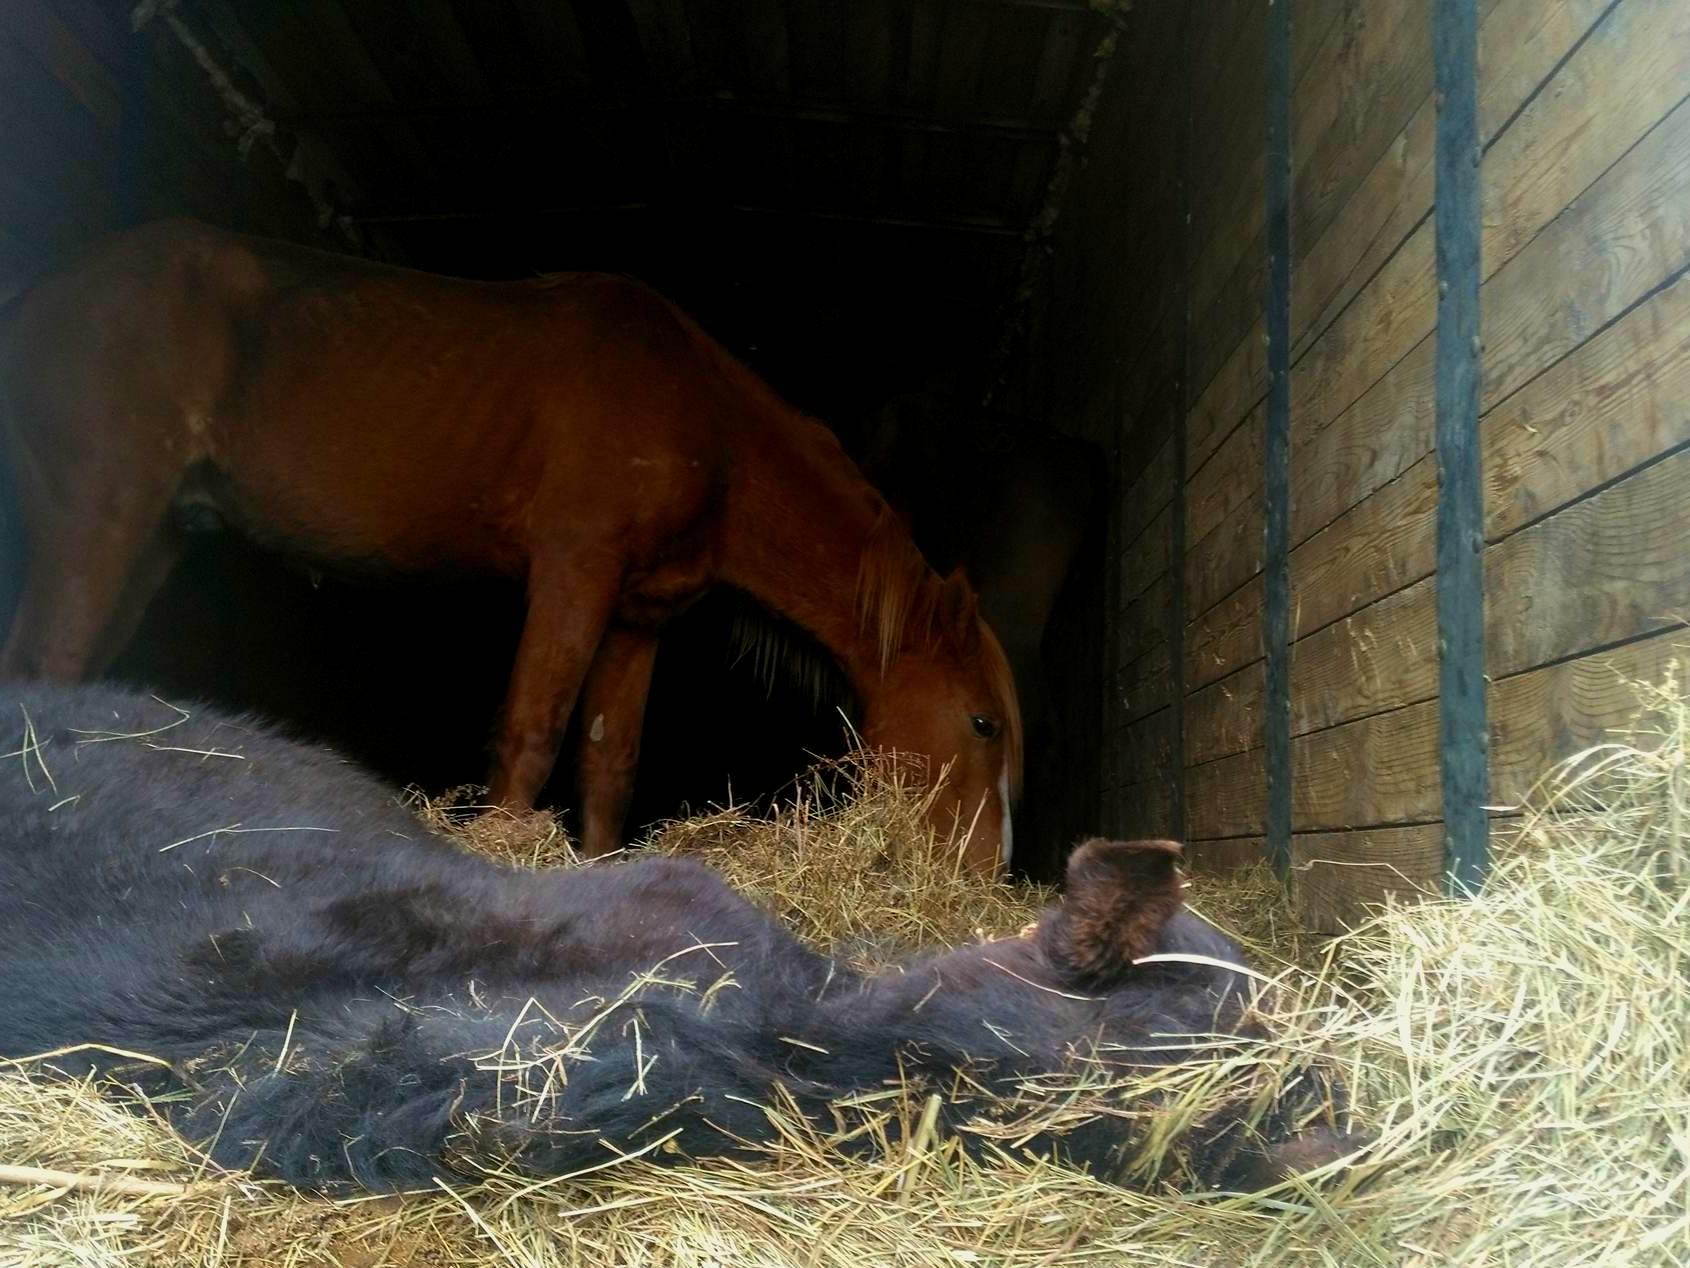 Лошадиный детектив: выжившие кони накормлены и напоены, жеребенка затоптали в фуре